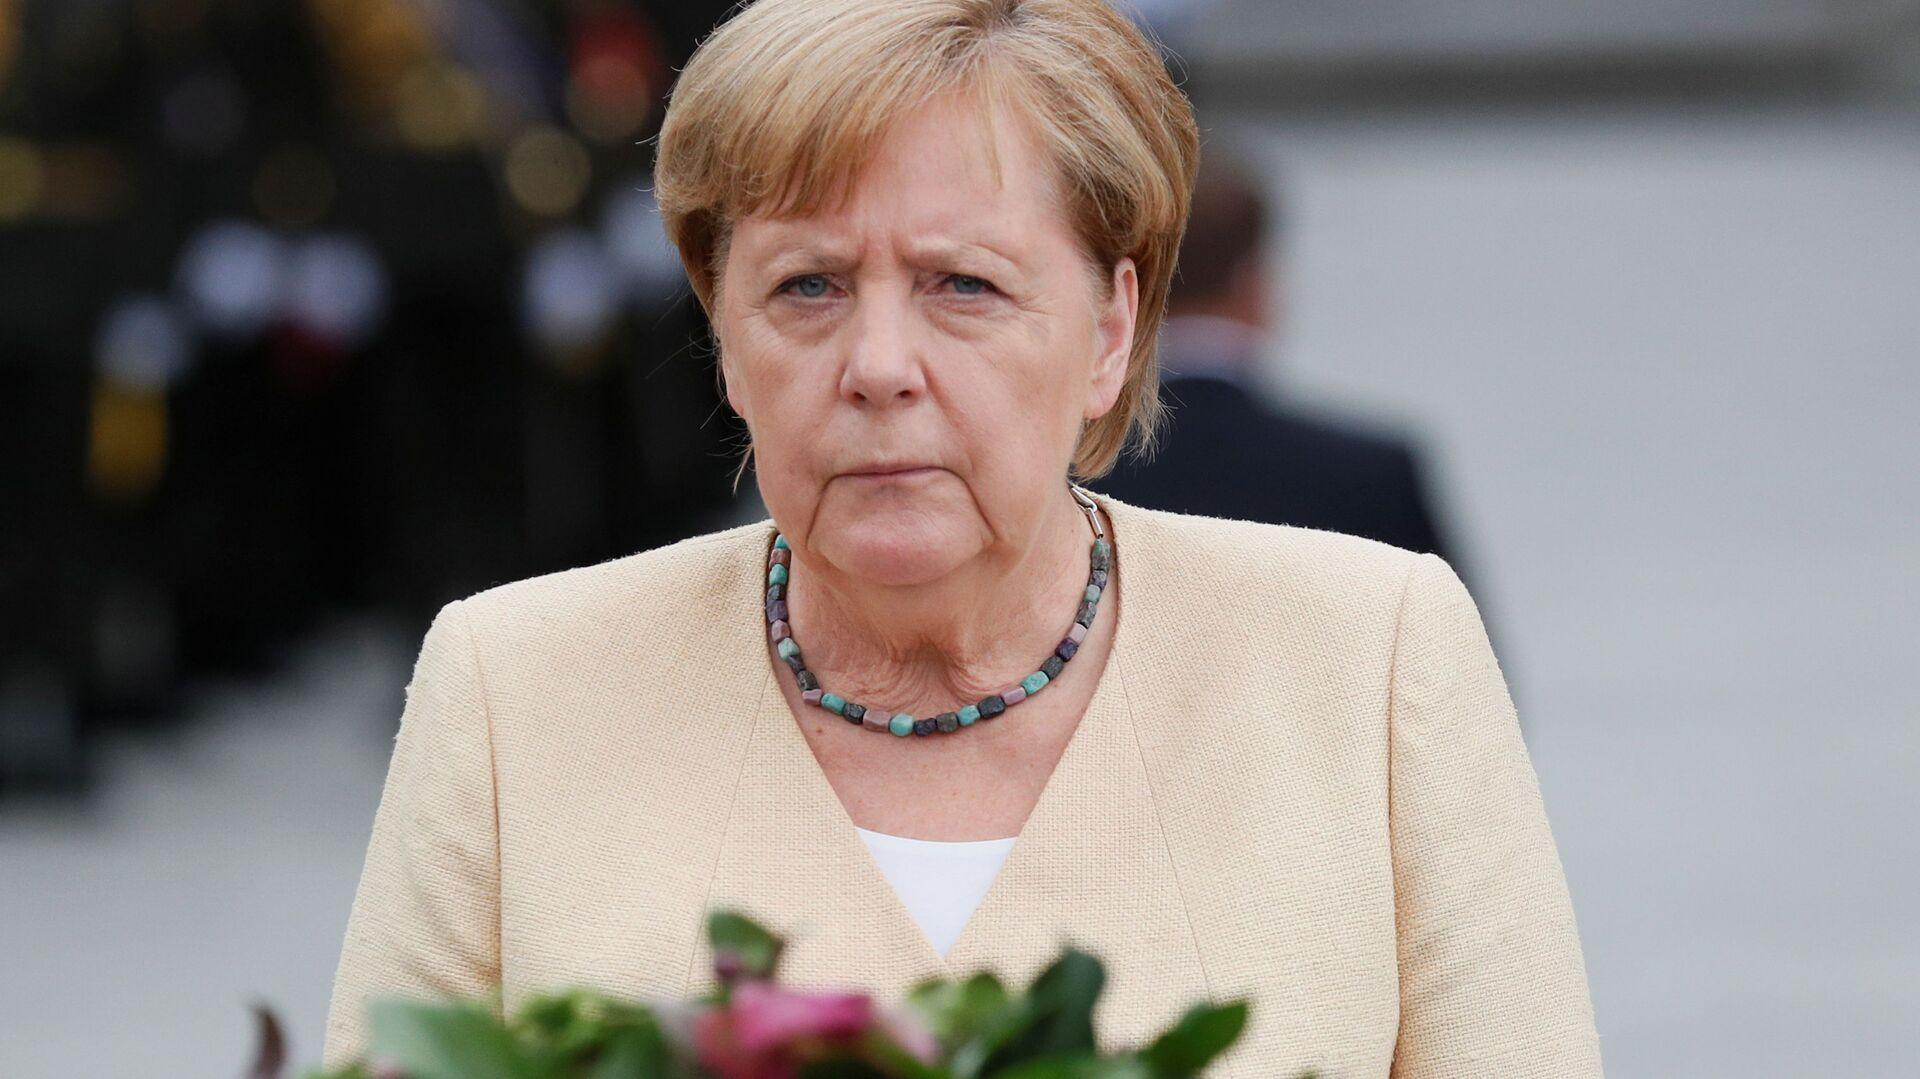 Wizyta Merkel w Kijowie - Sputnik Polska, 1920, 30.08.2021